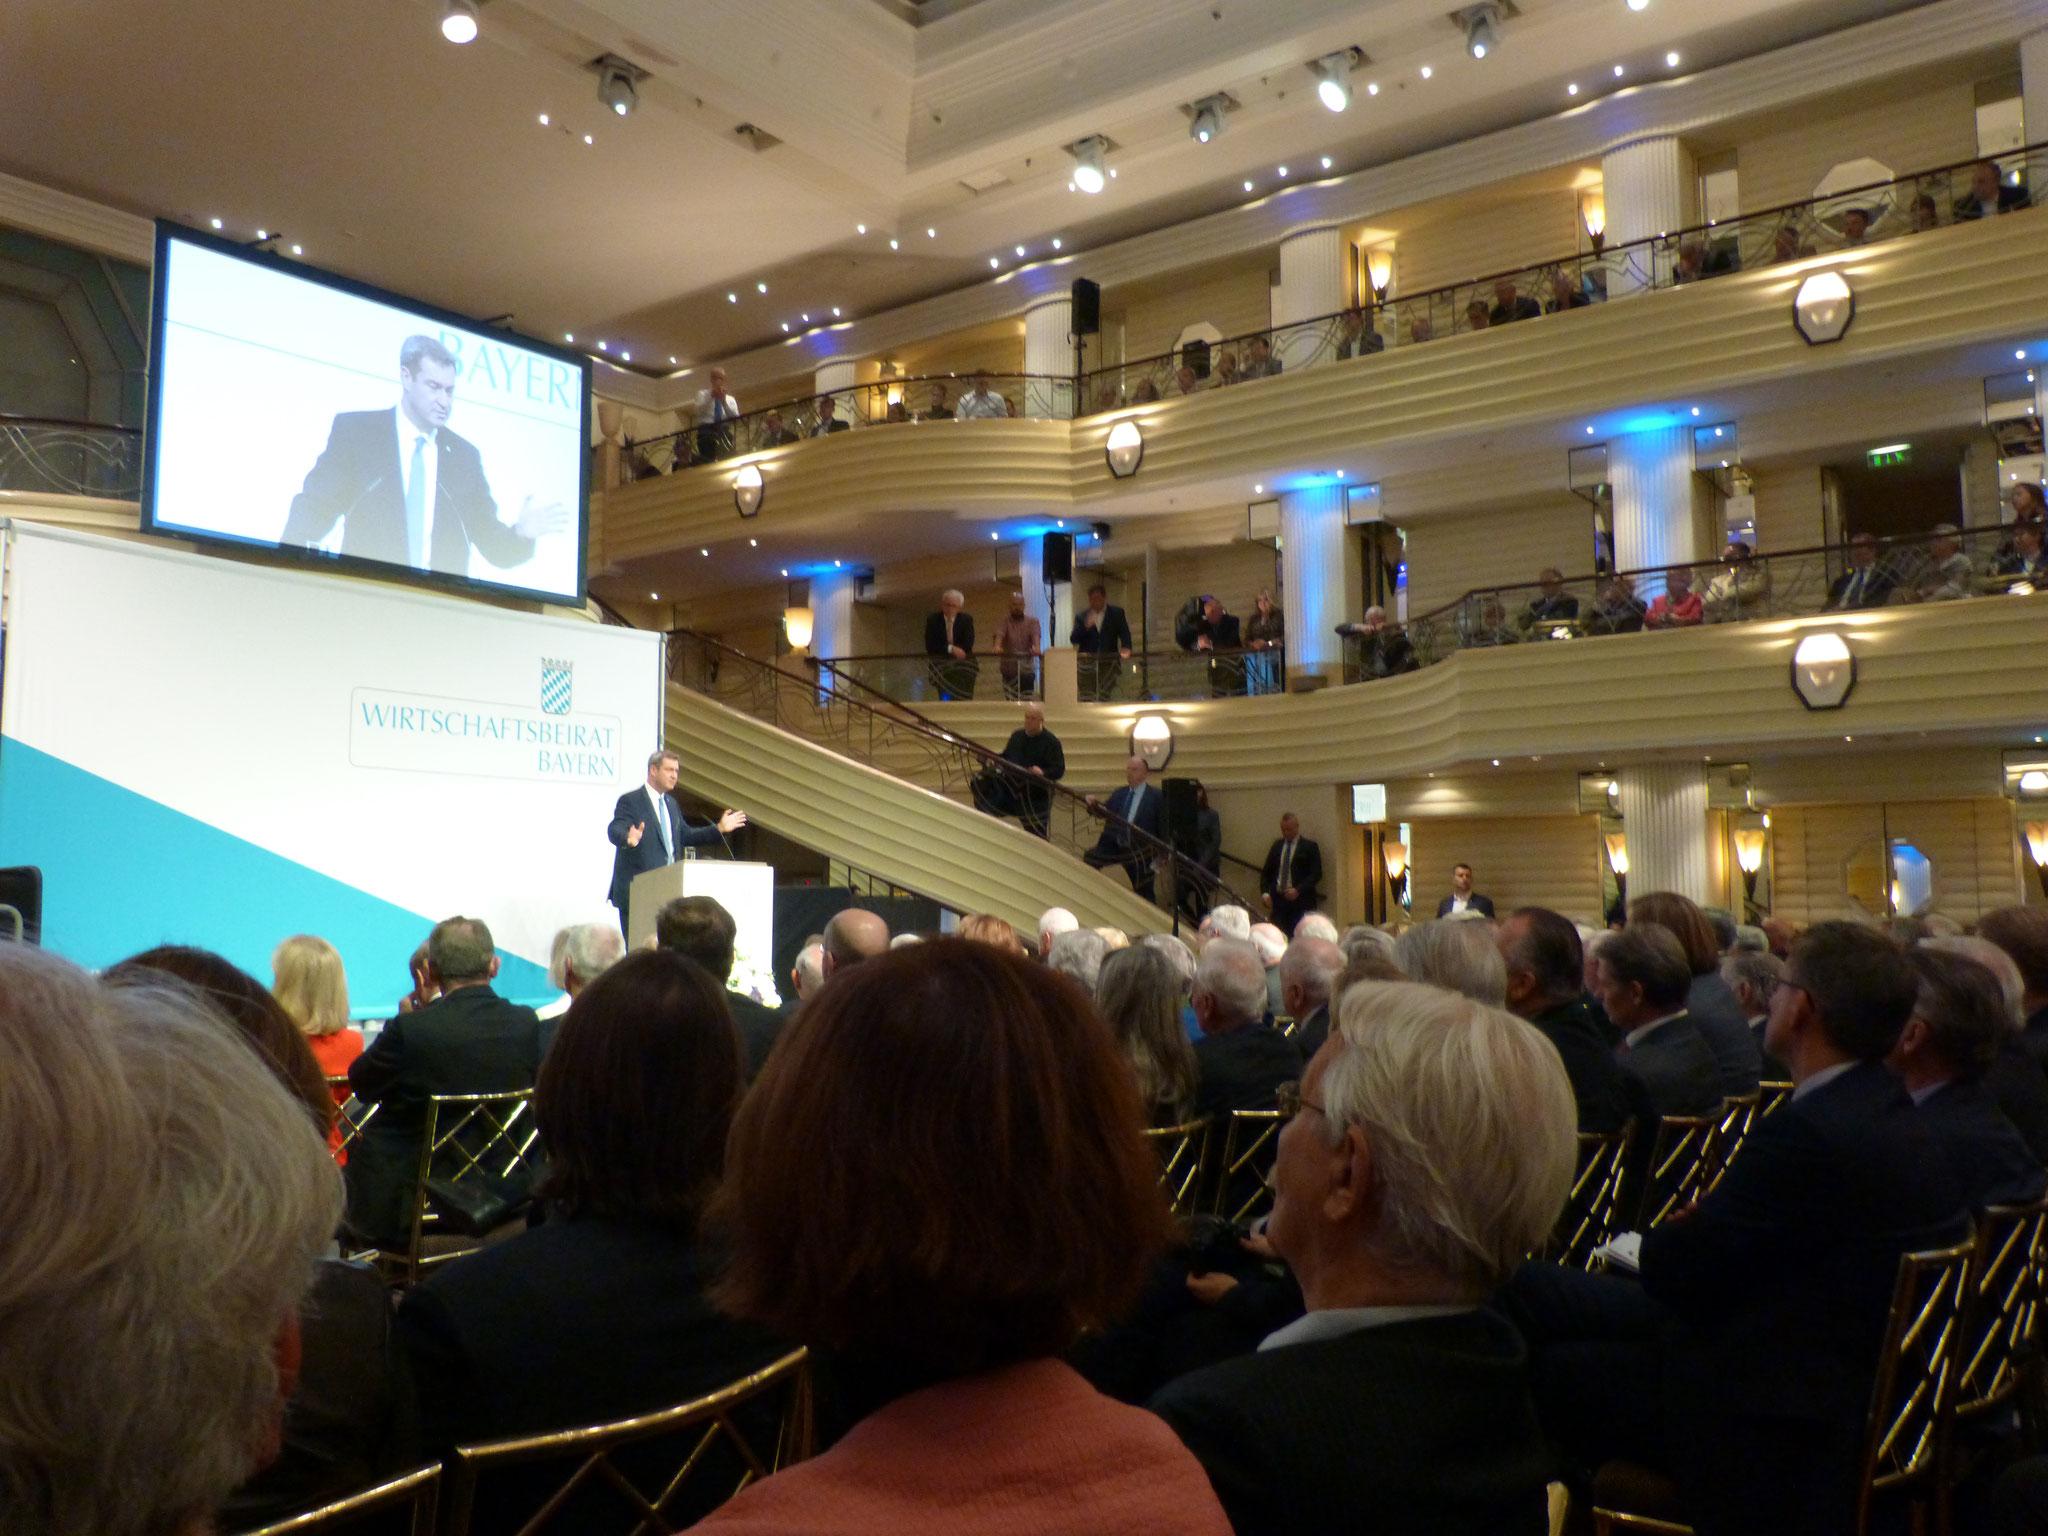 Ministerpräsident Dr. Markus Söder bei seiner Rede vor den Mitgliedern des Wirtschftsbeirates der Union